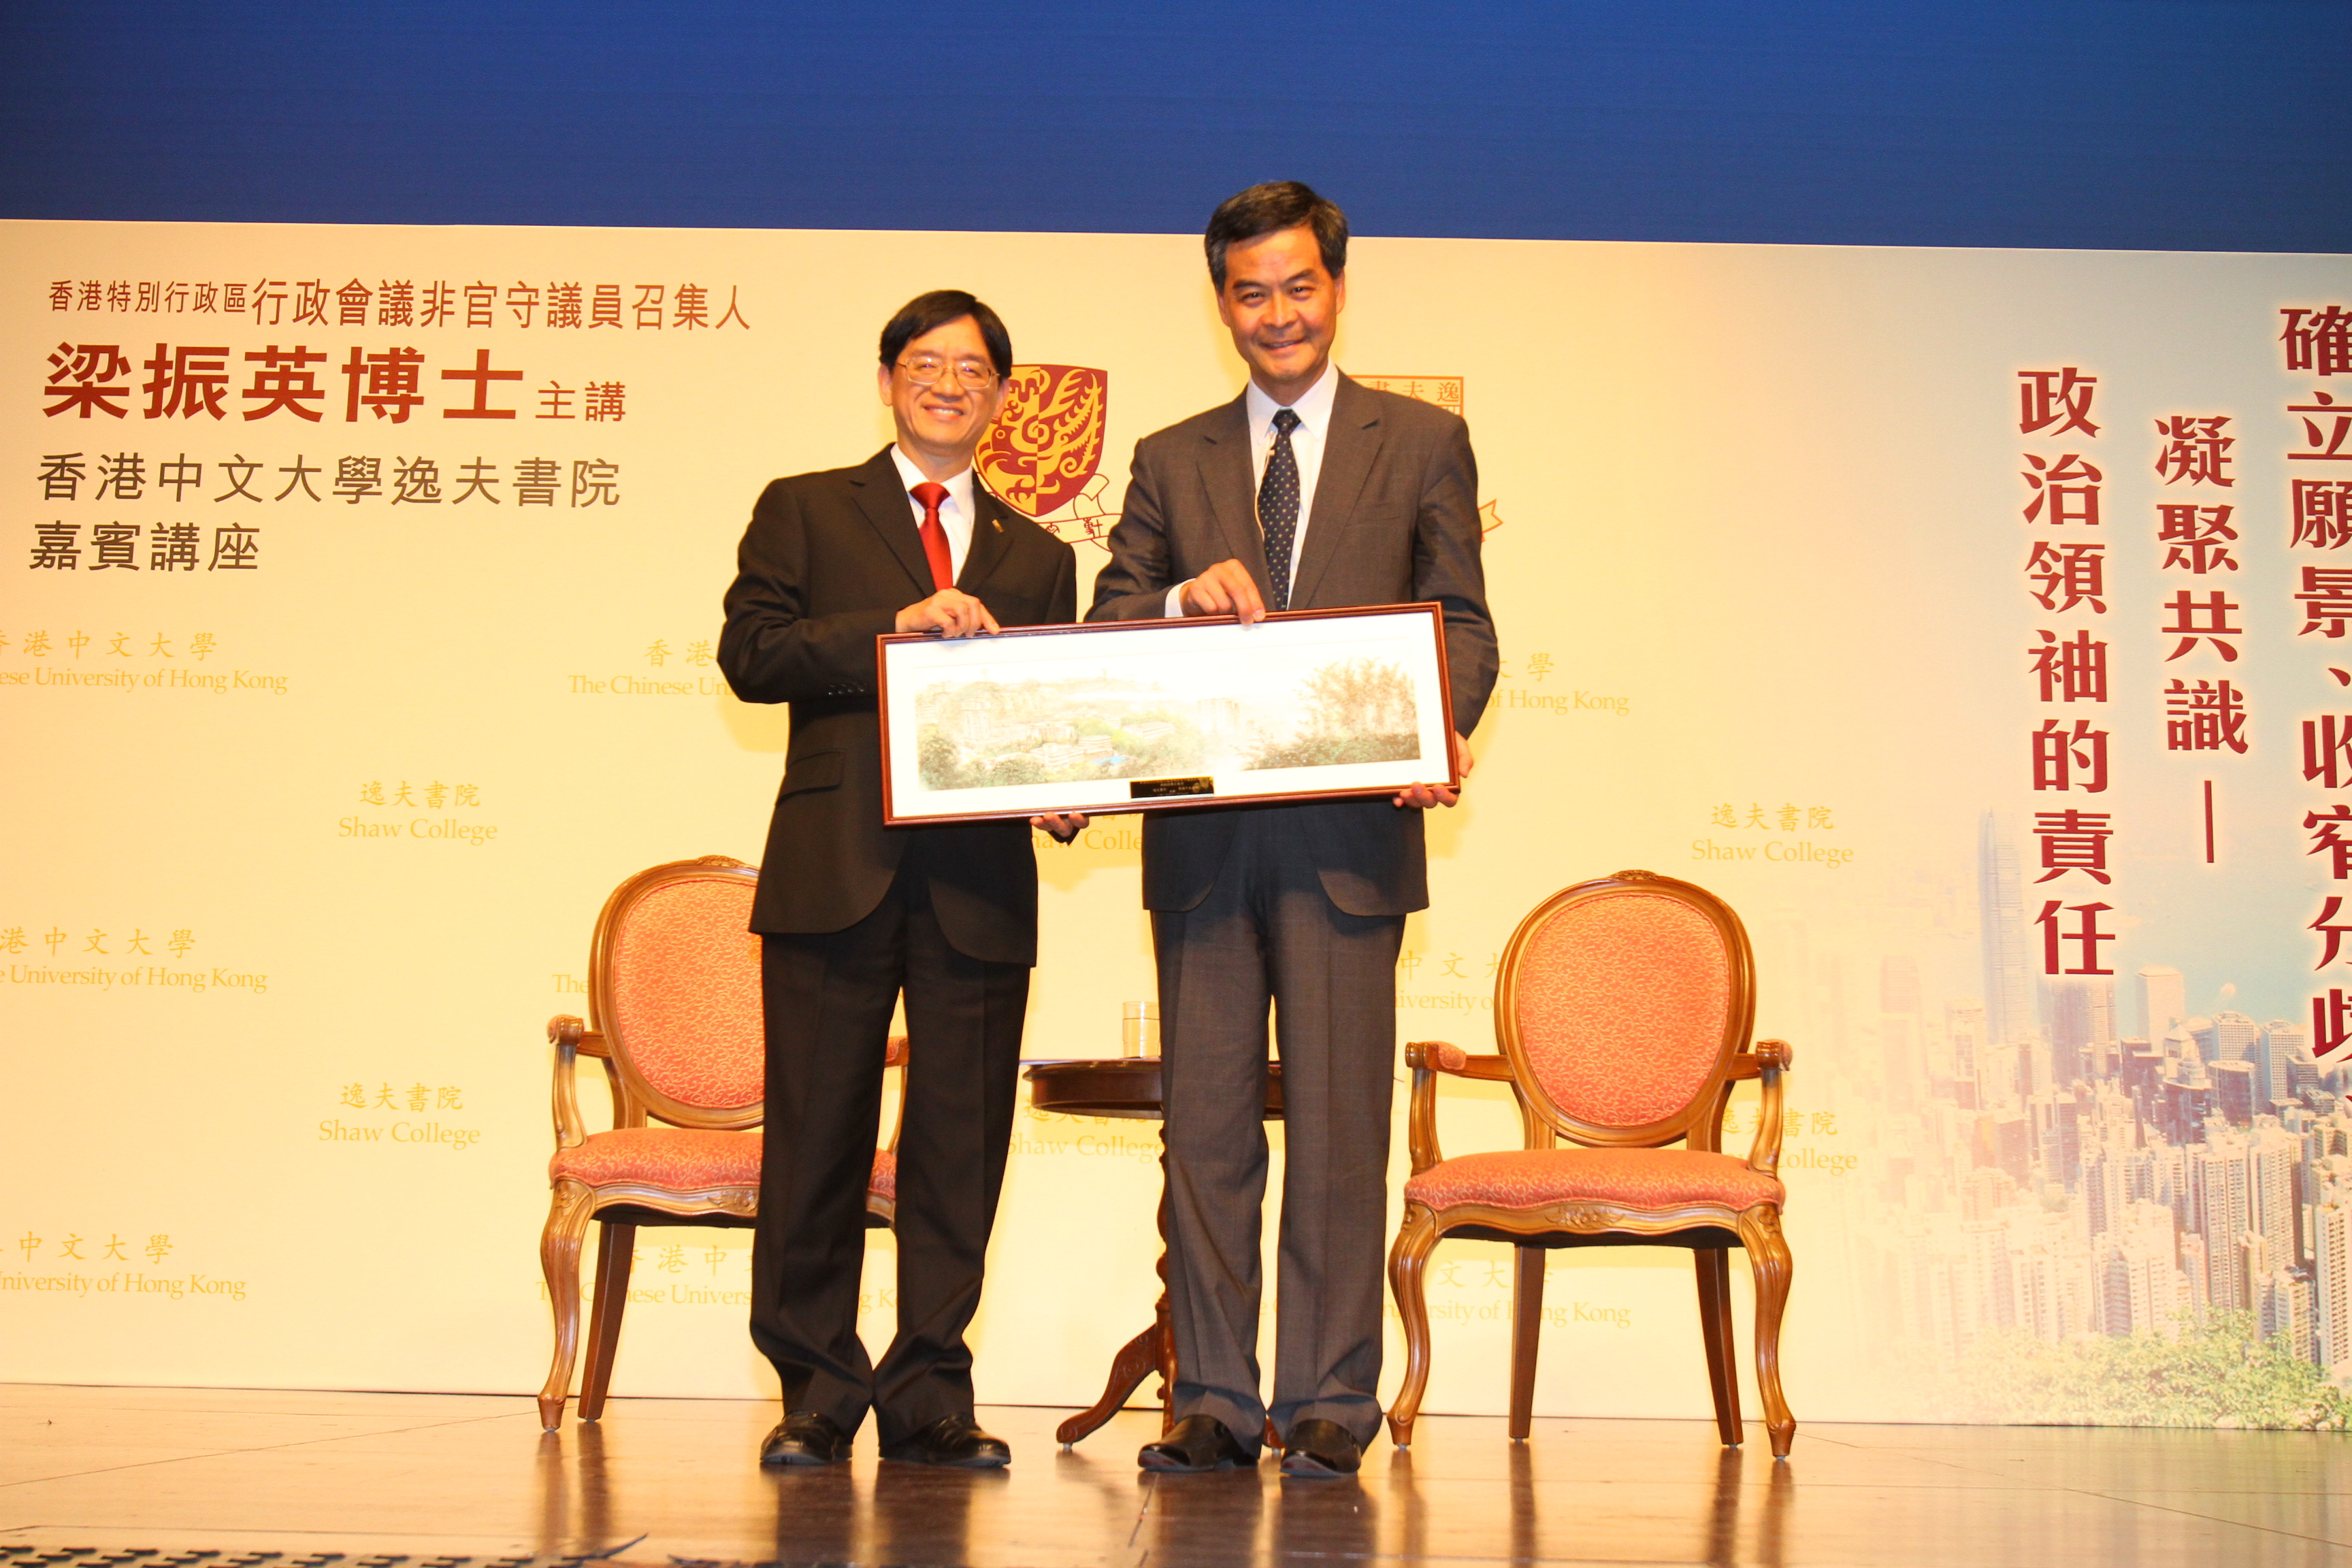 中大逸夫書院院長陳志輝教授(左)致送紀念品予梁振英博士